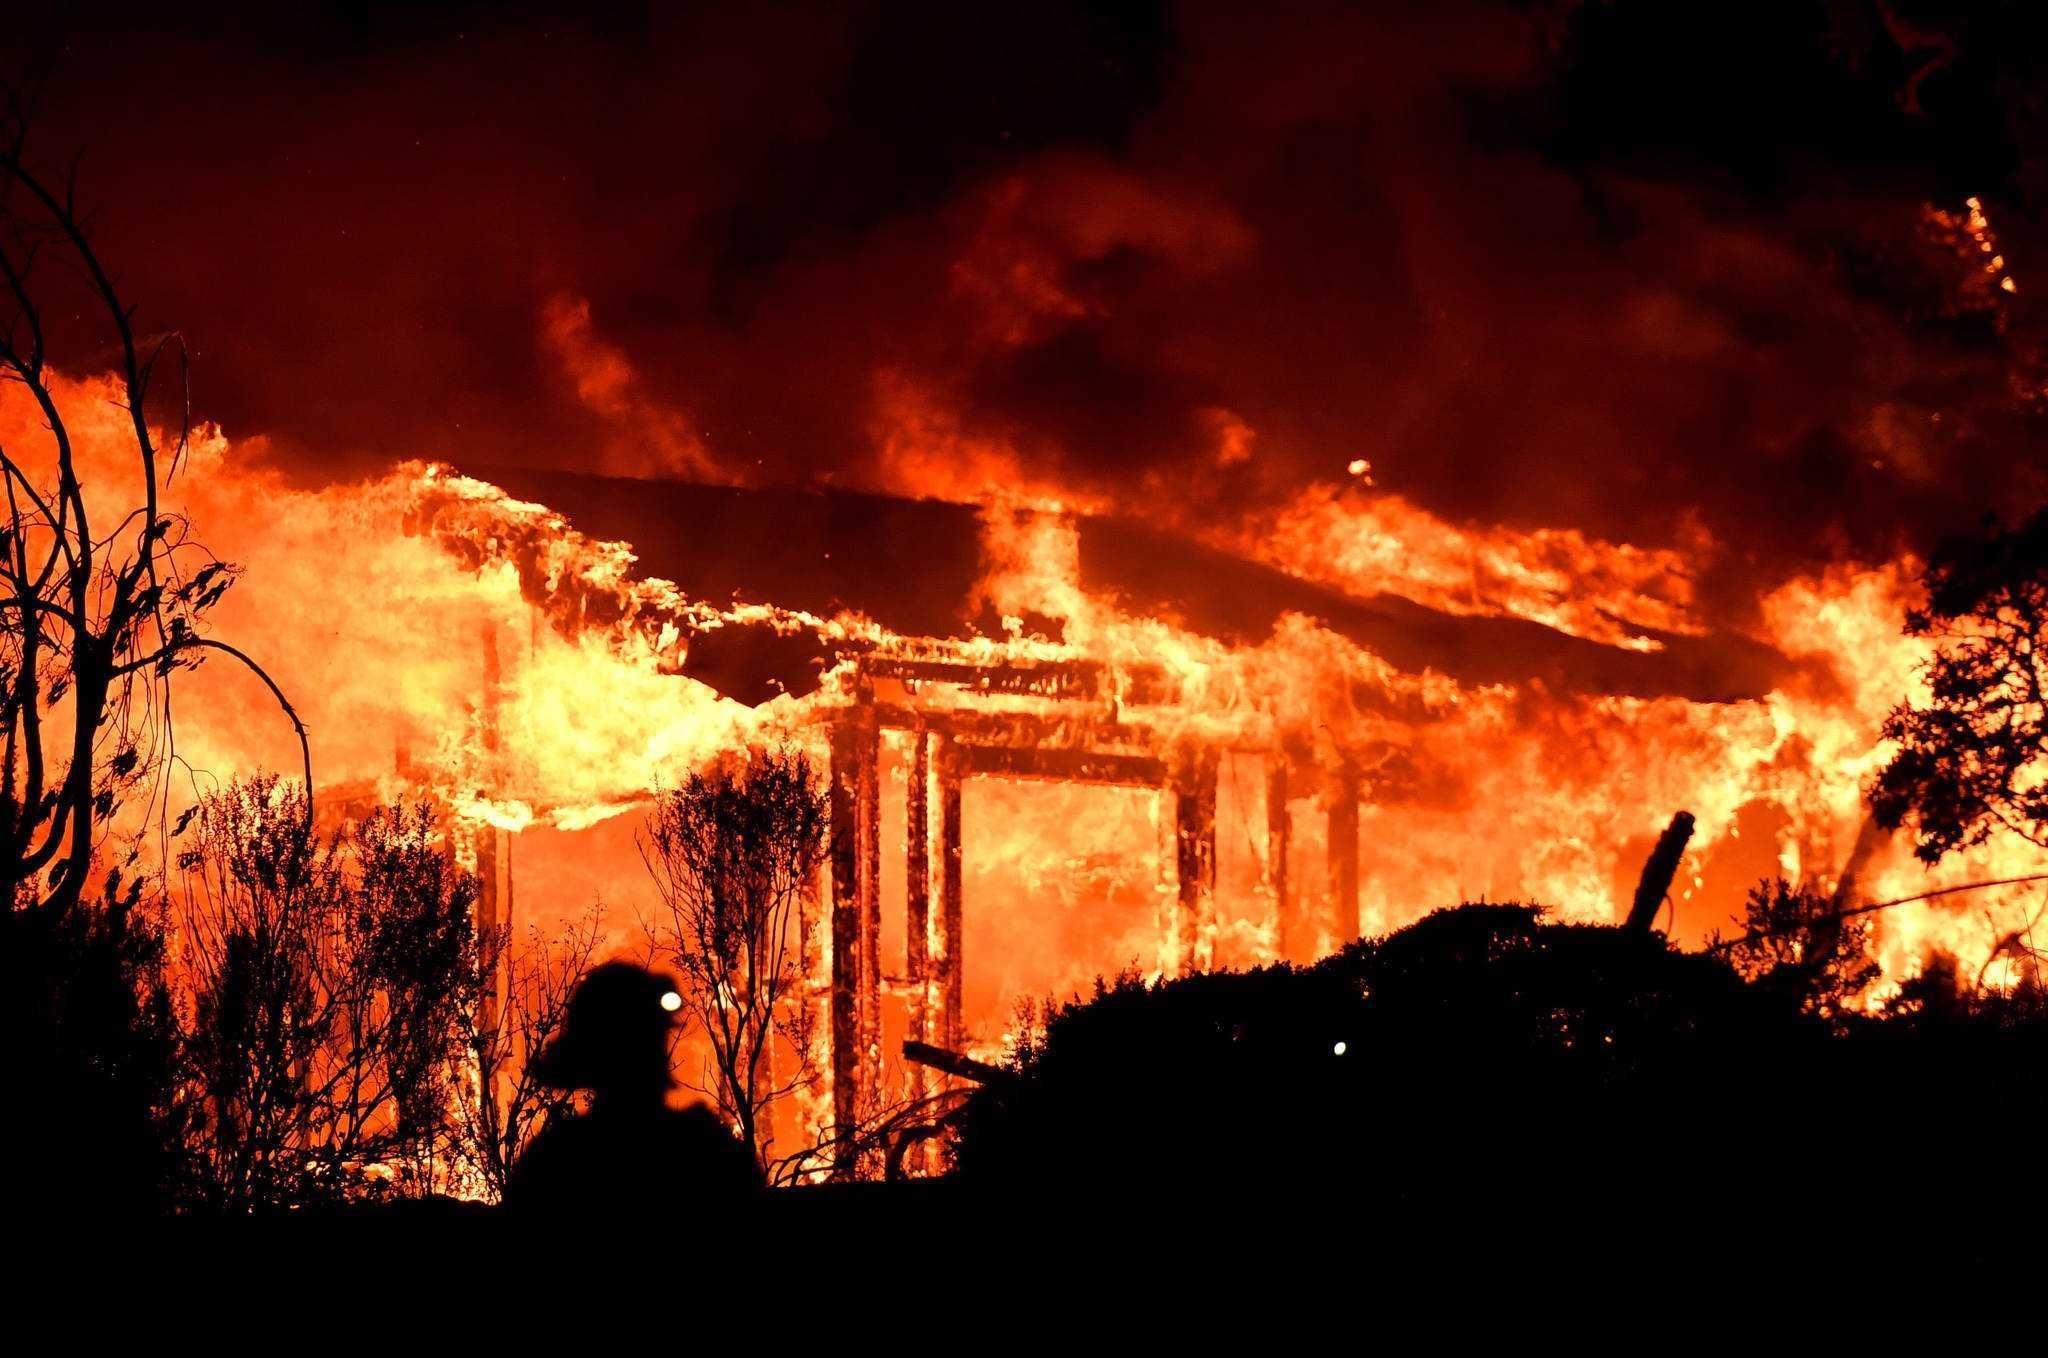 İlk Yangın Ne Zaman, Neden Çıktı?